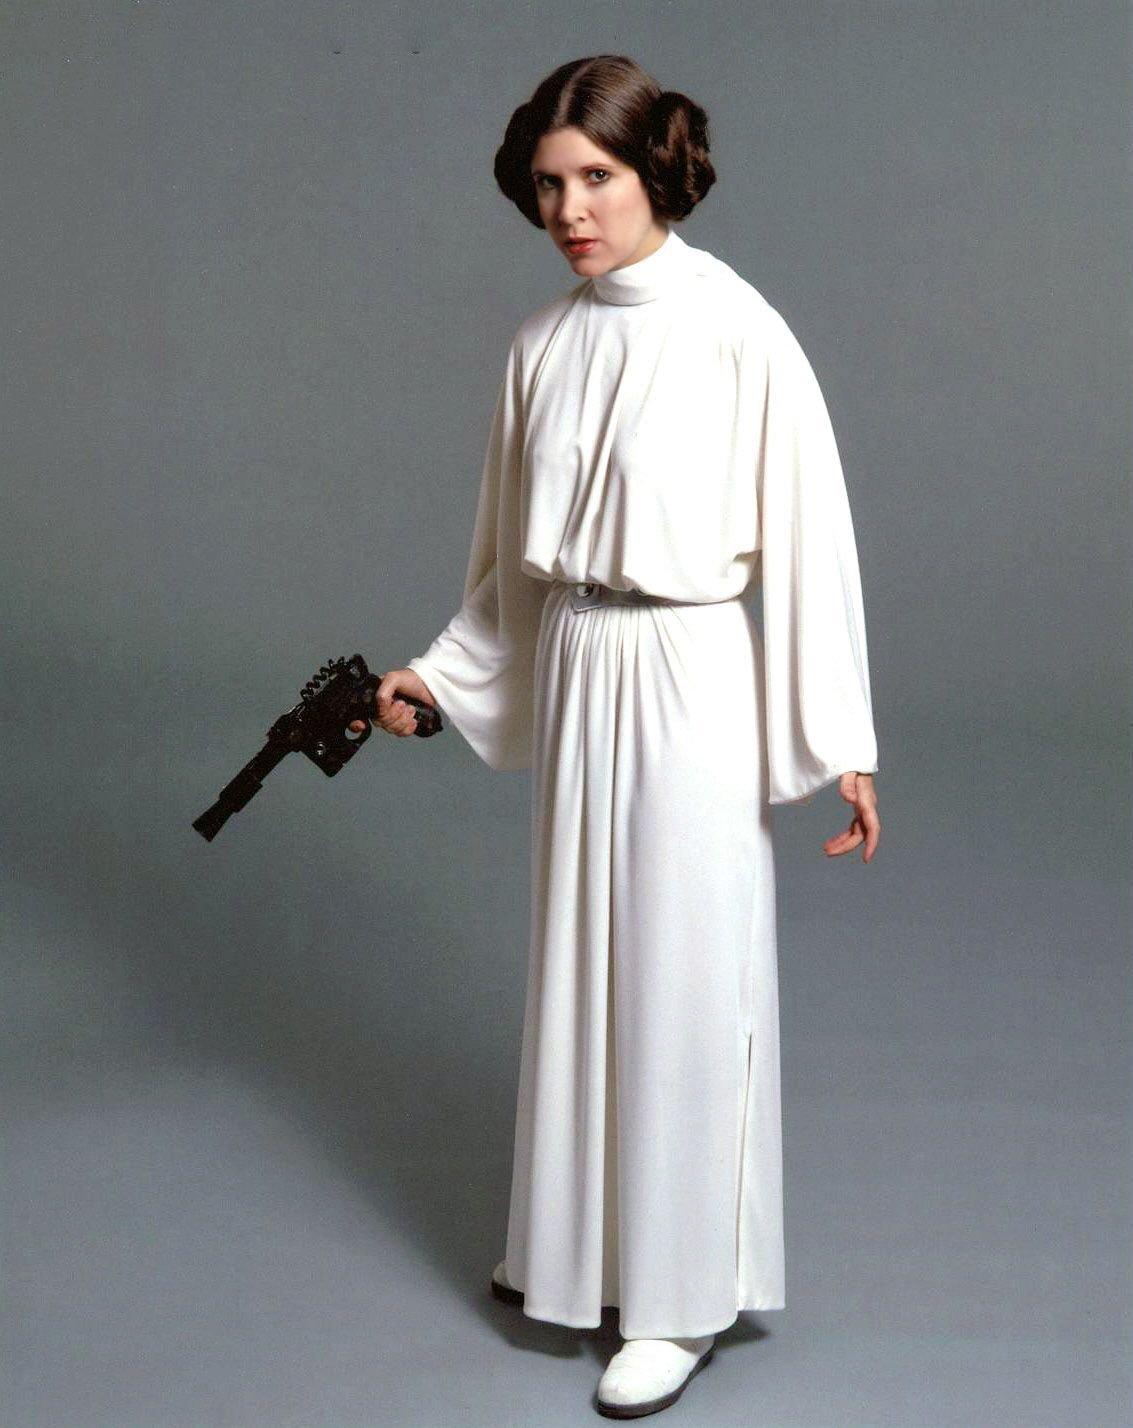 Vestido que aparece en la película de star wars